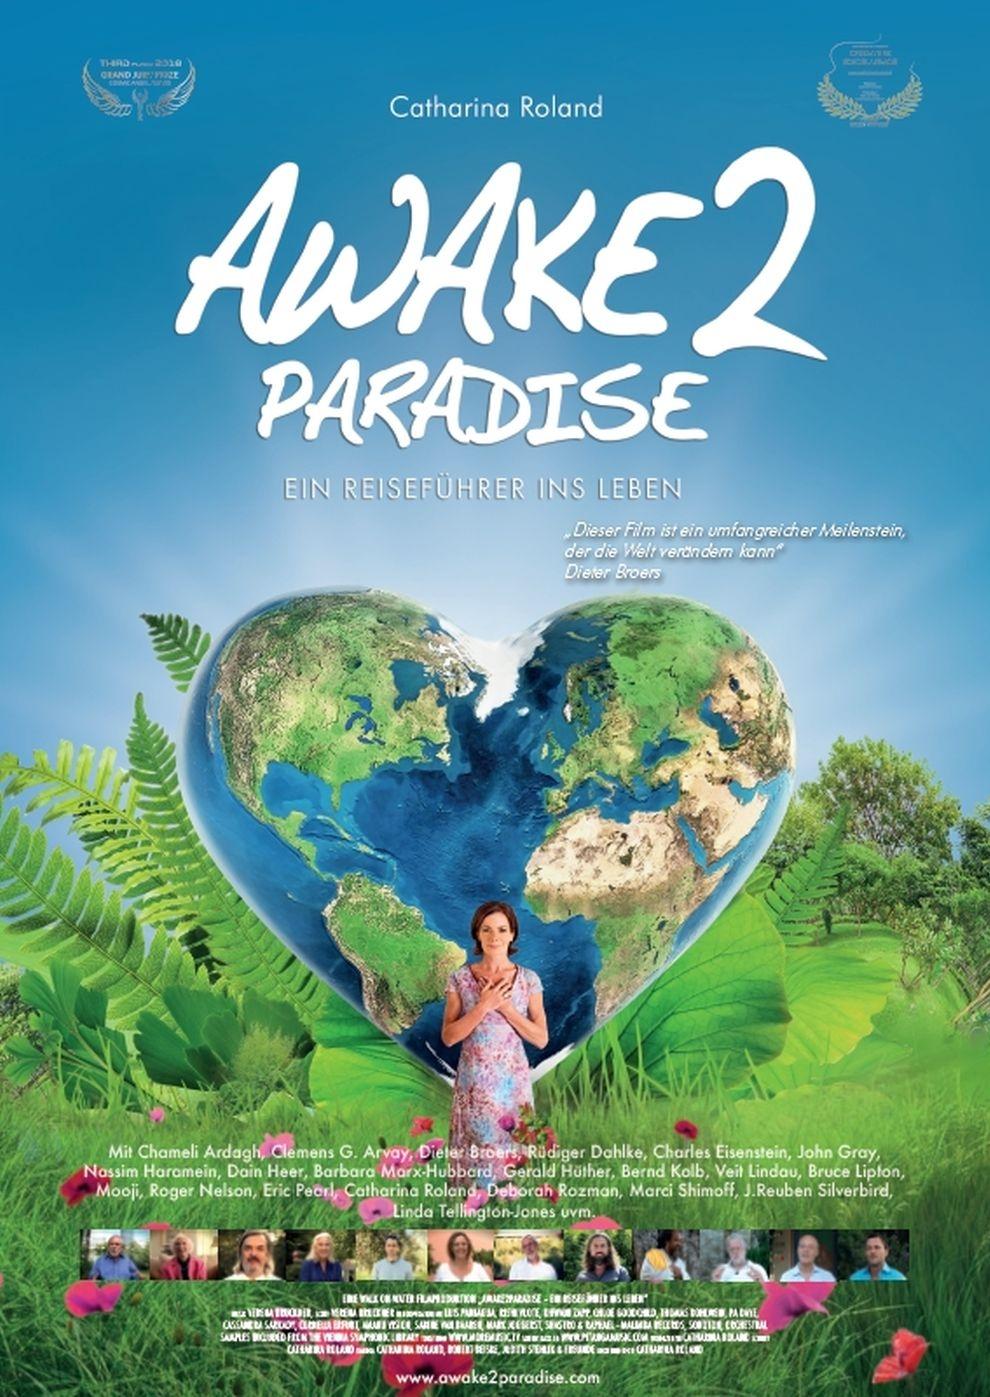 Awake2Paradise (Poster)